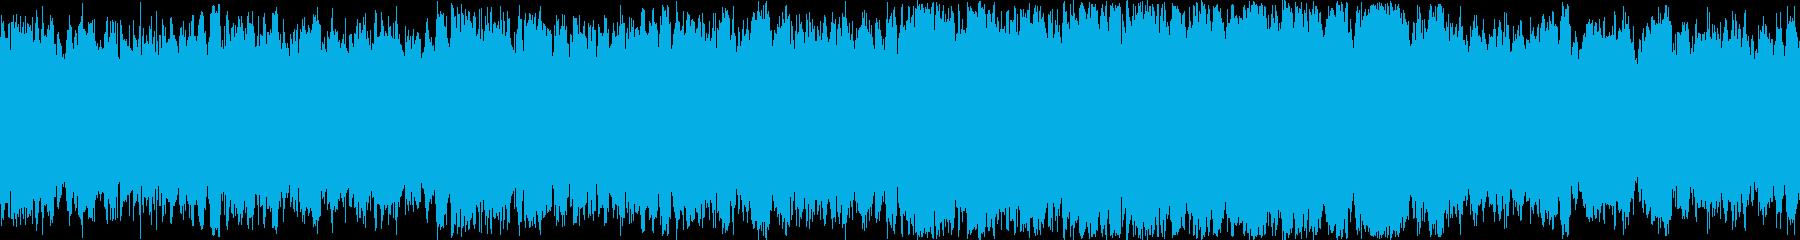 あらすじでかかるようなオーケストラ曲の再生済みの波形